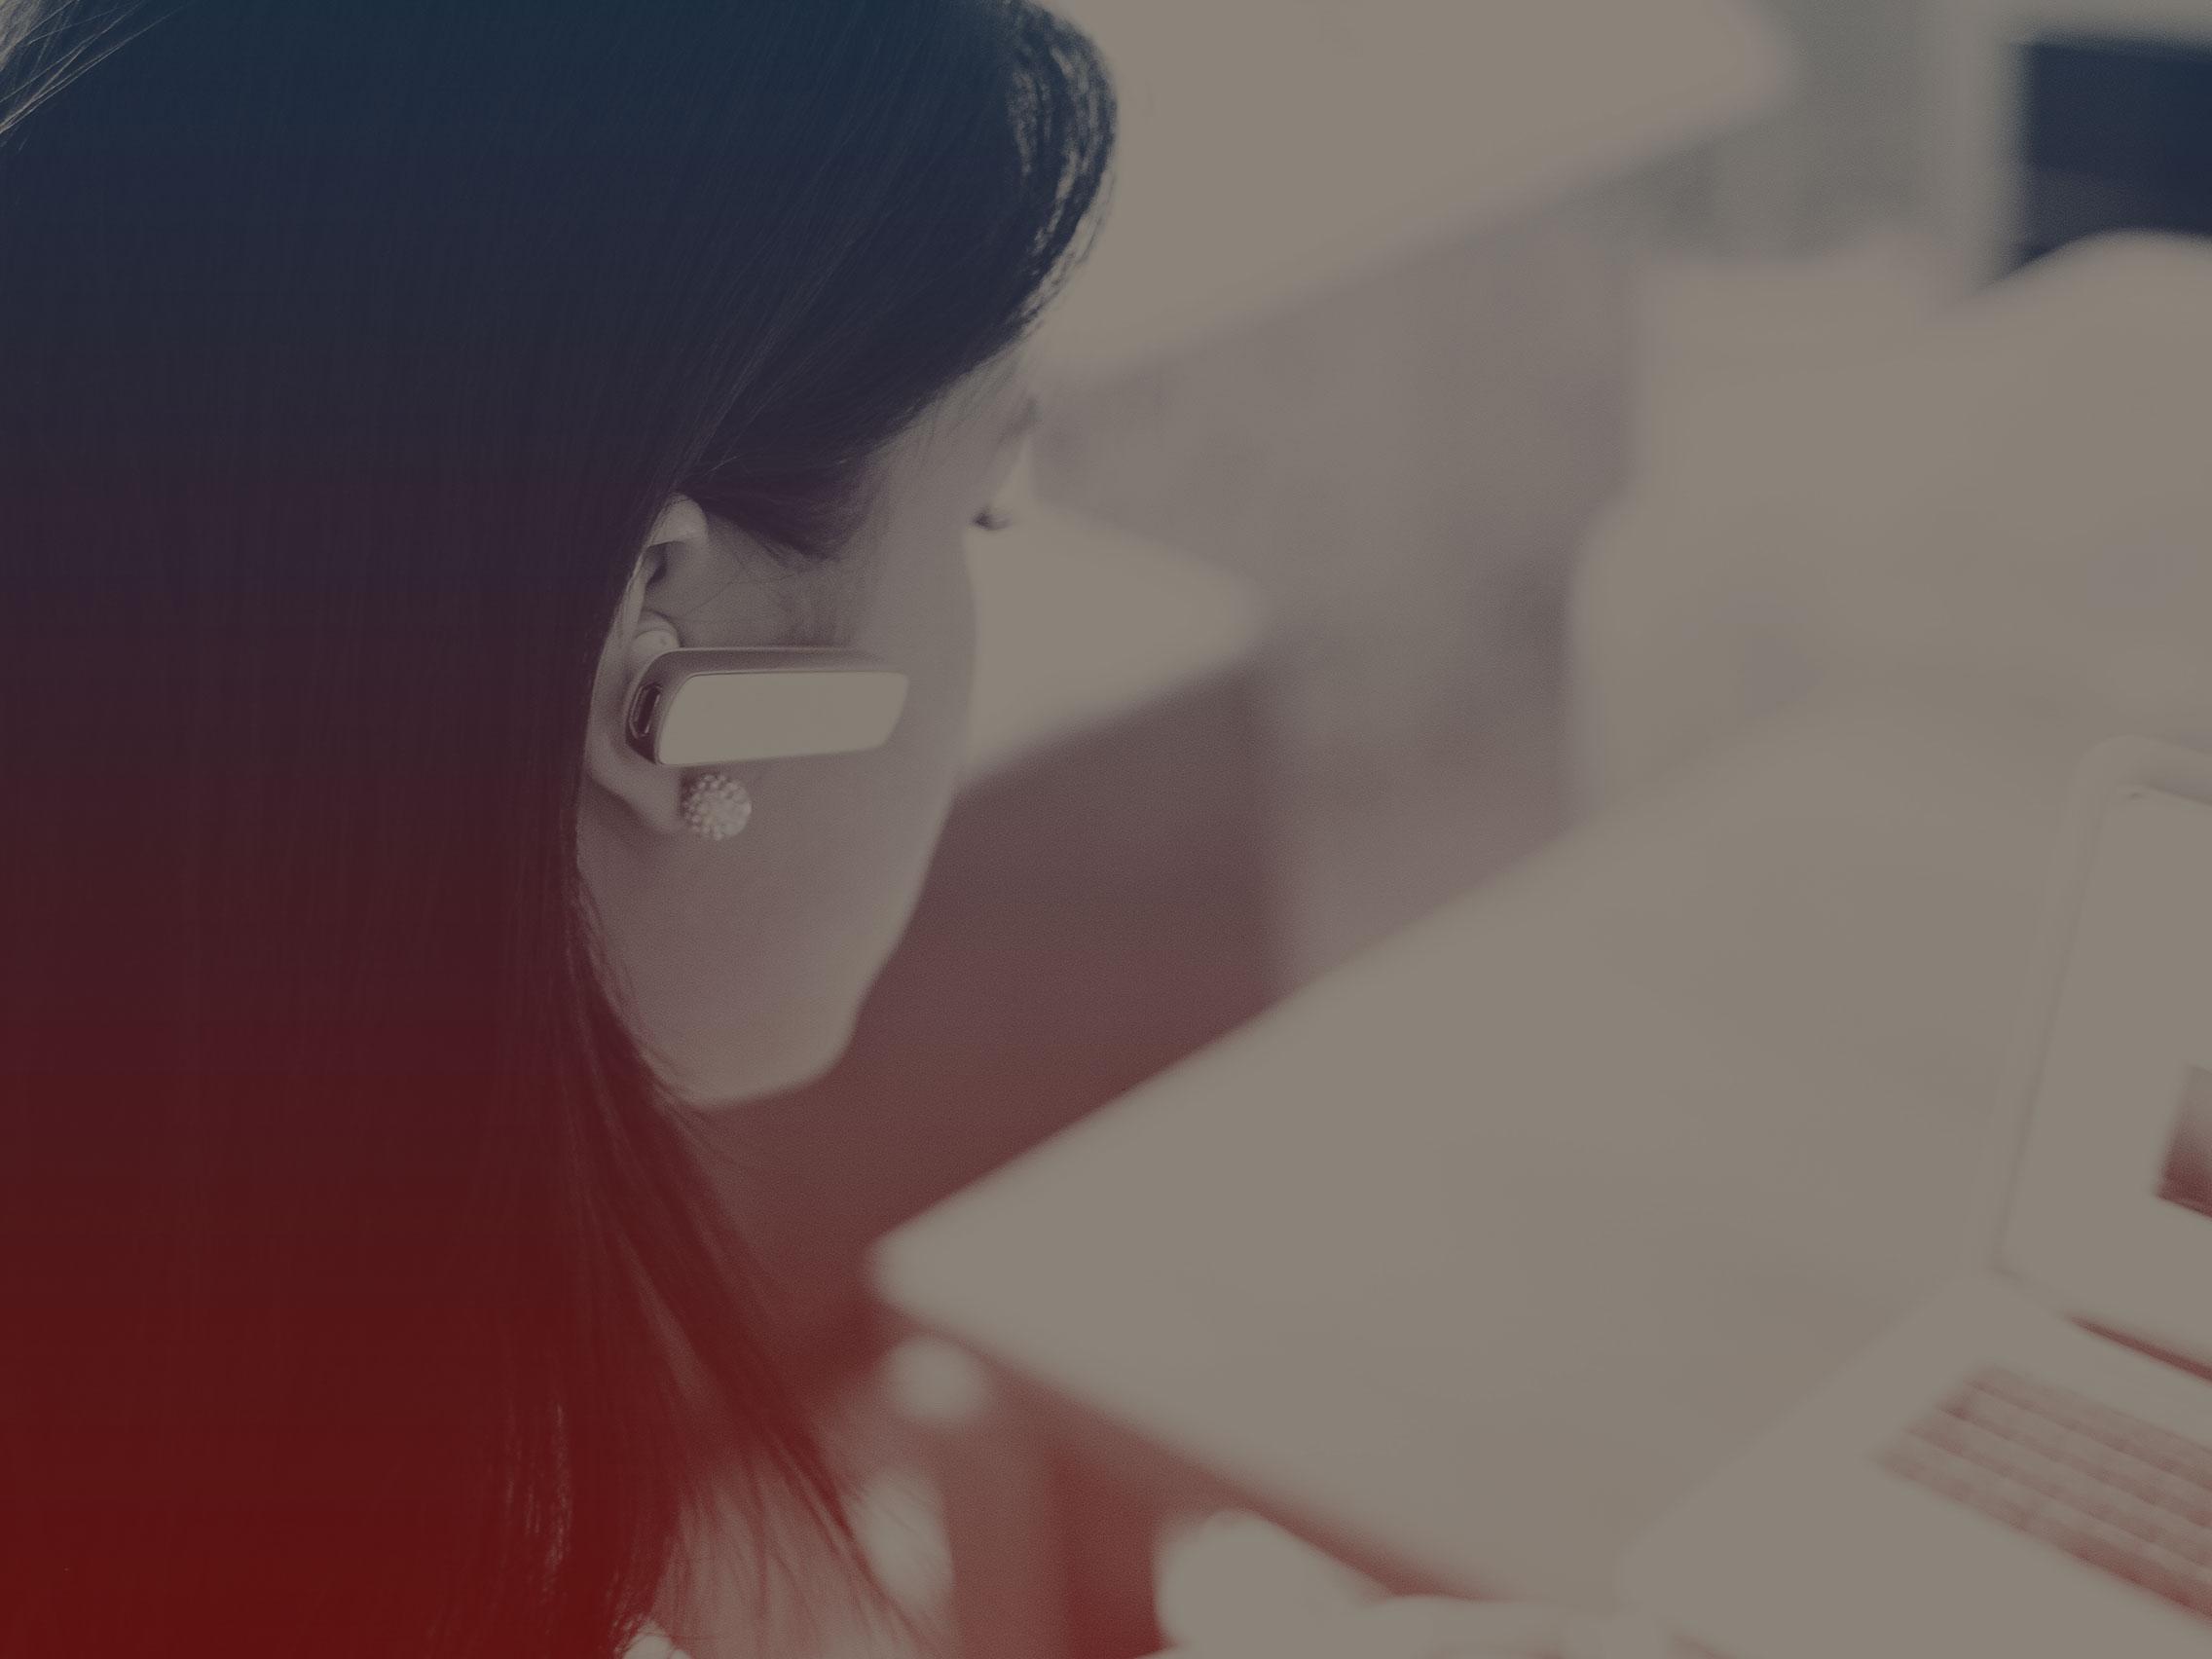 Departamento Pessoal - Formalidades de admissão, demissão e demais rotinas relacionadas à contratação de empregados; atualização cadastral de funcionários contratados e demitidos, inclusive junto ao sindicato ou Ministério do Trabalho; elaboração da folha de pagamento salarial aos empregados, e semelhantes.